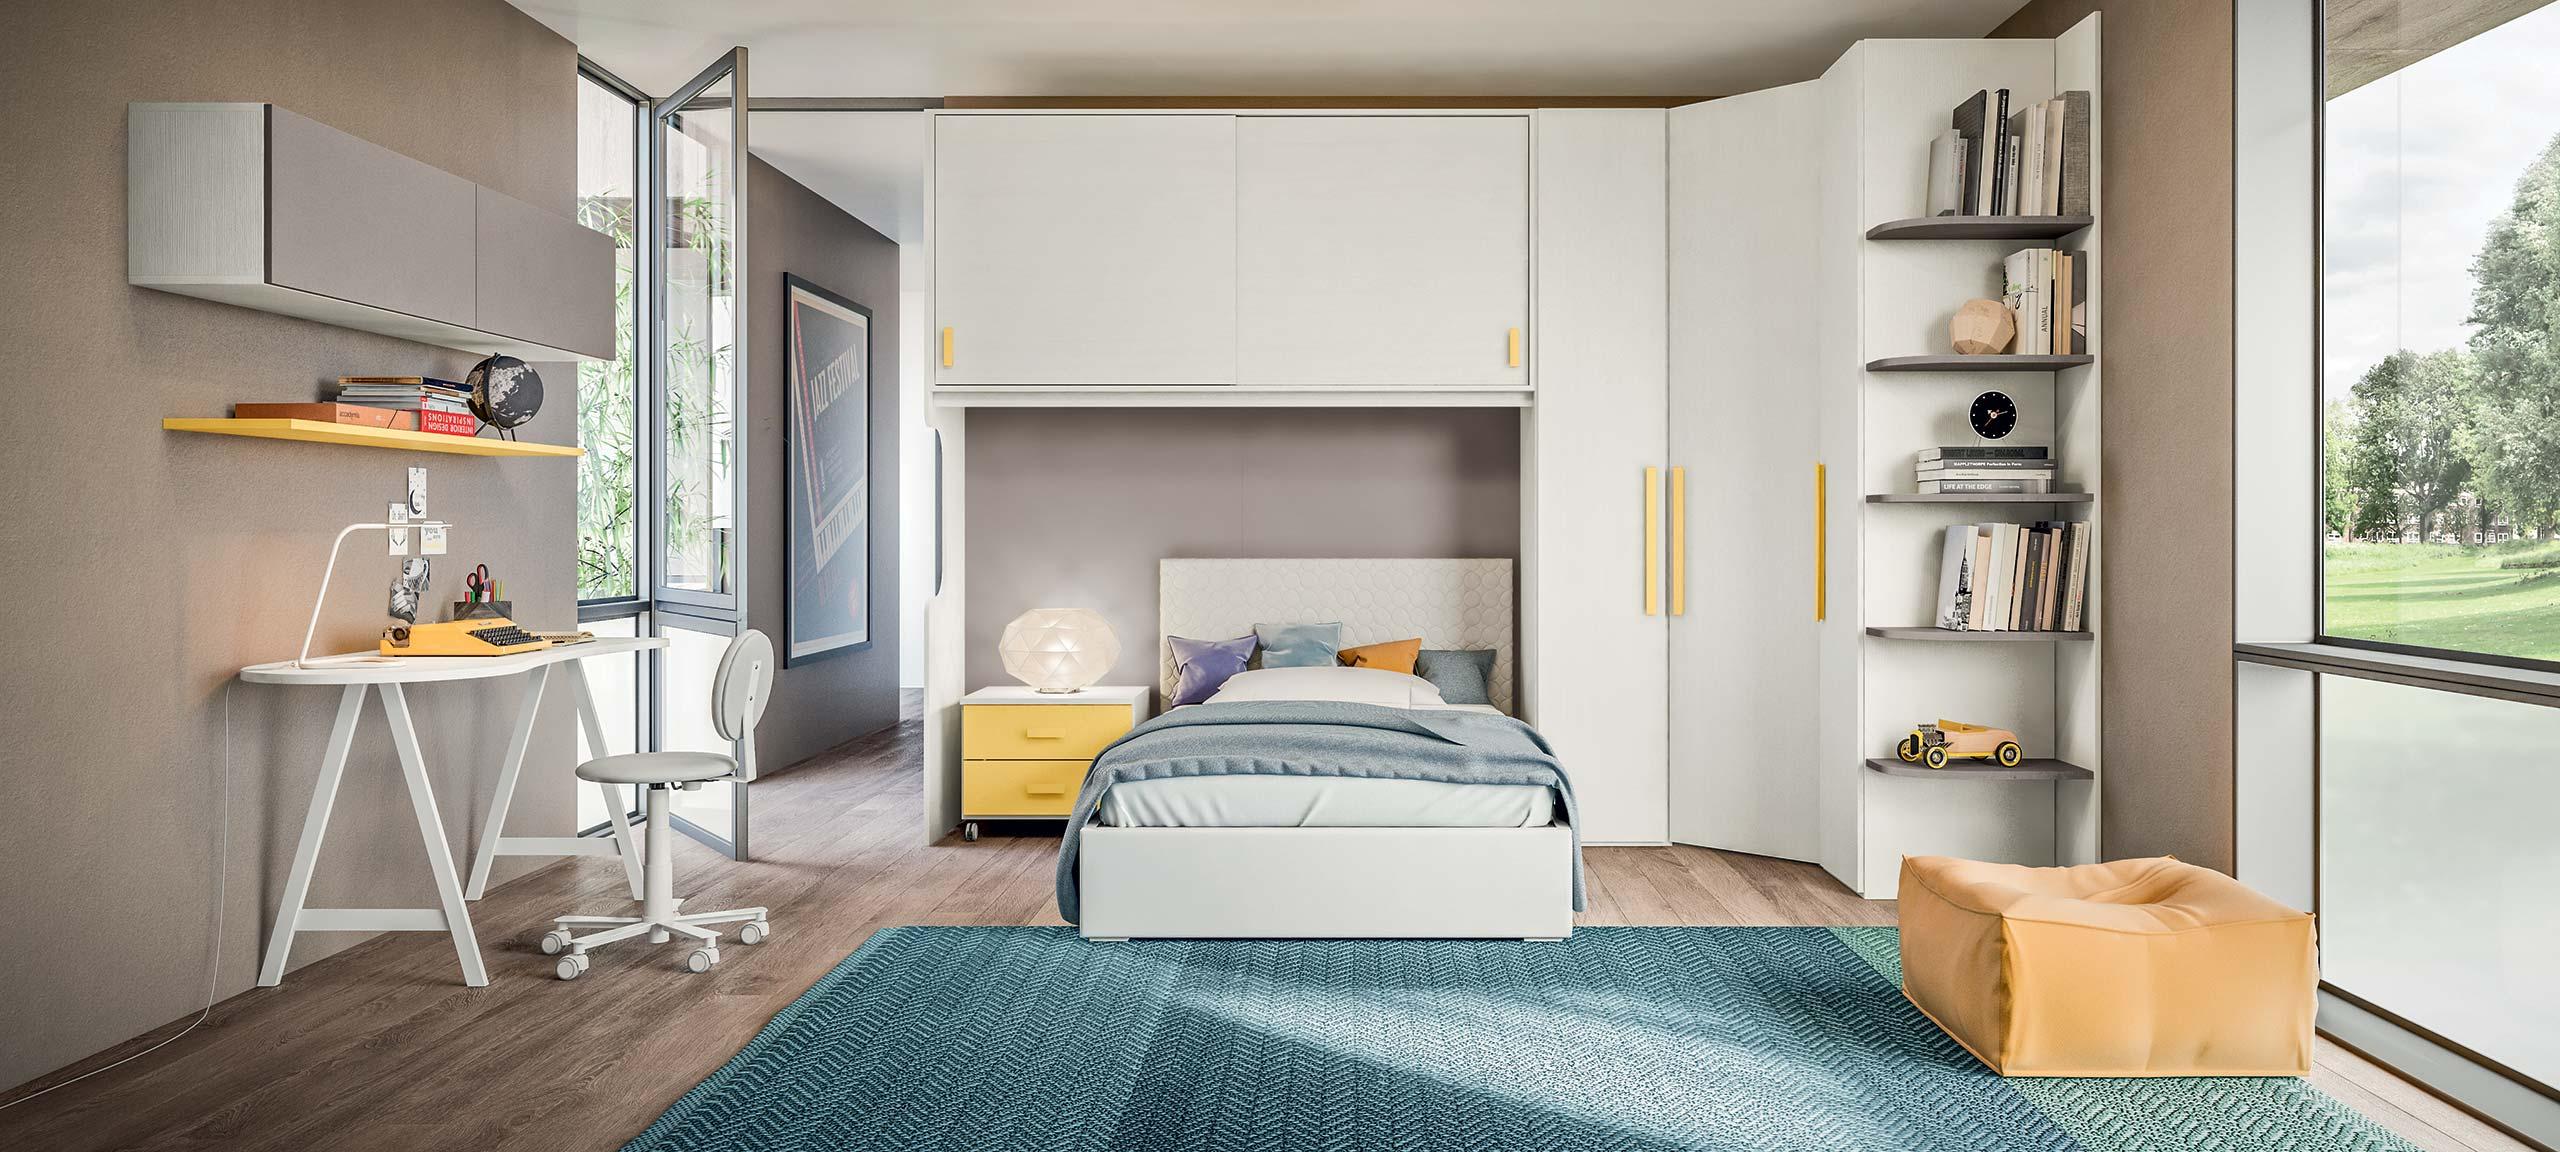 Camera A Ponte Con Divano Letto.Camerette Con Letti A Ponte Mab Home Furniture